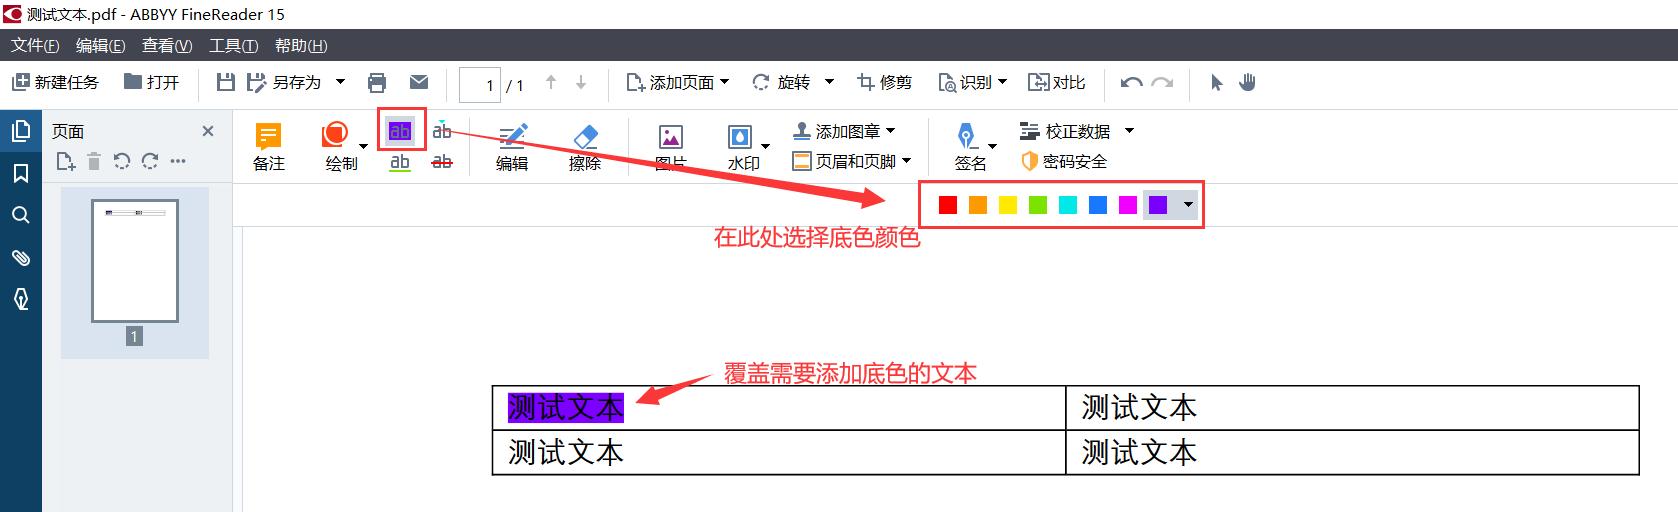 图一:使用ABBYYFinereader15软件为PDF文档添加底色